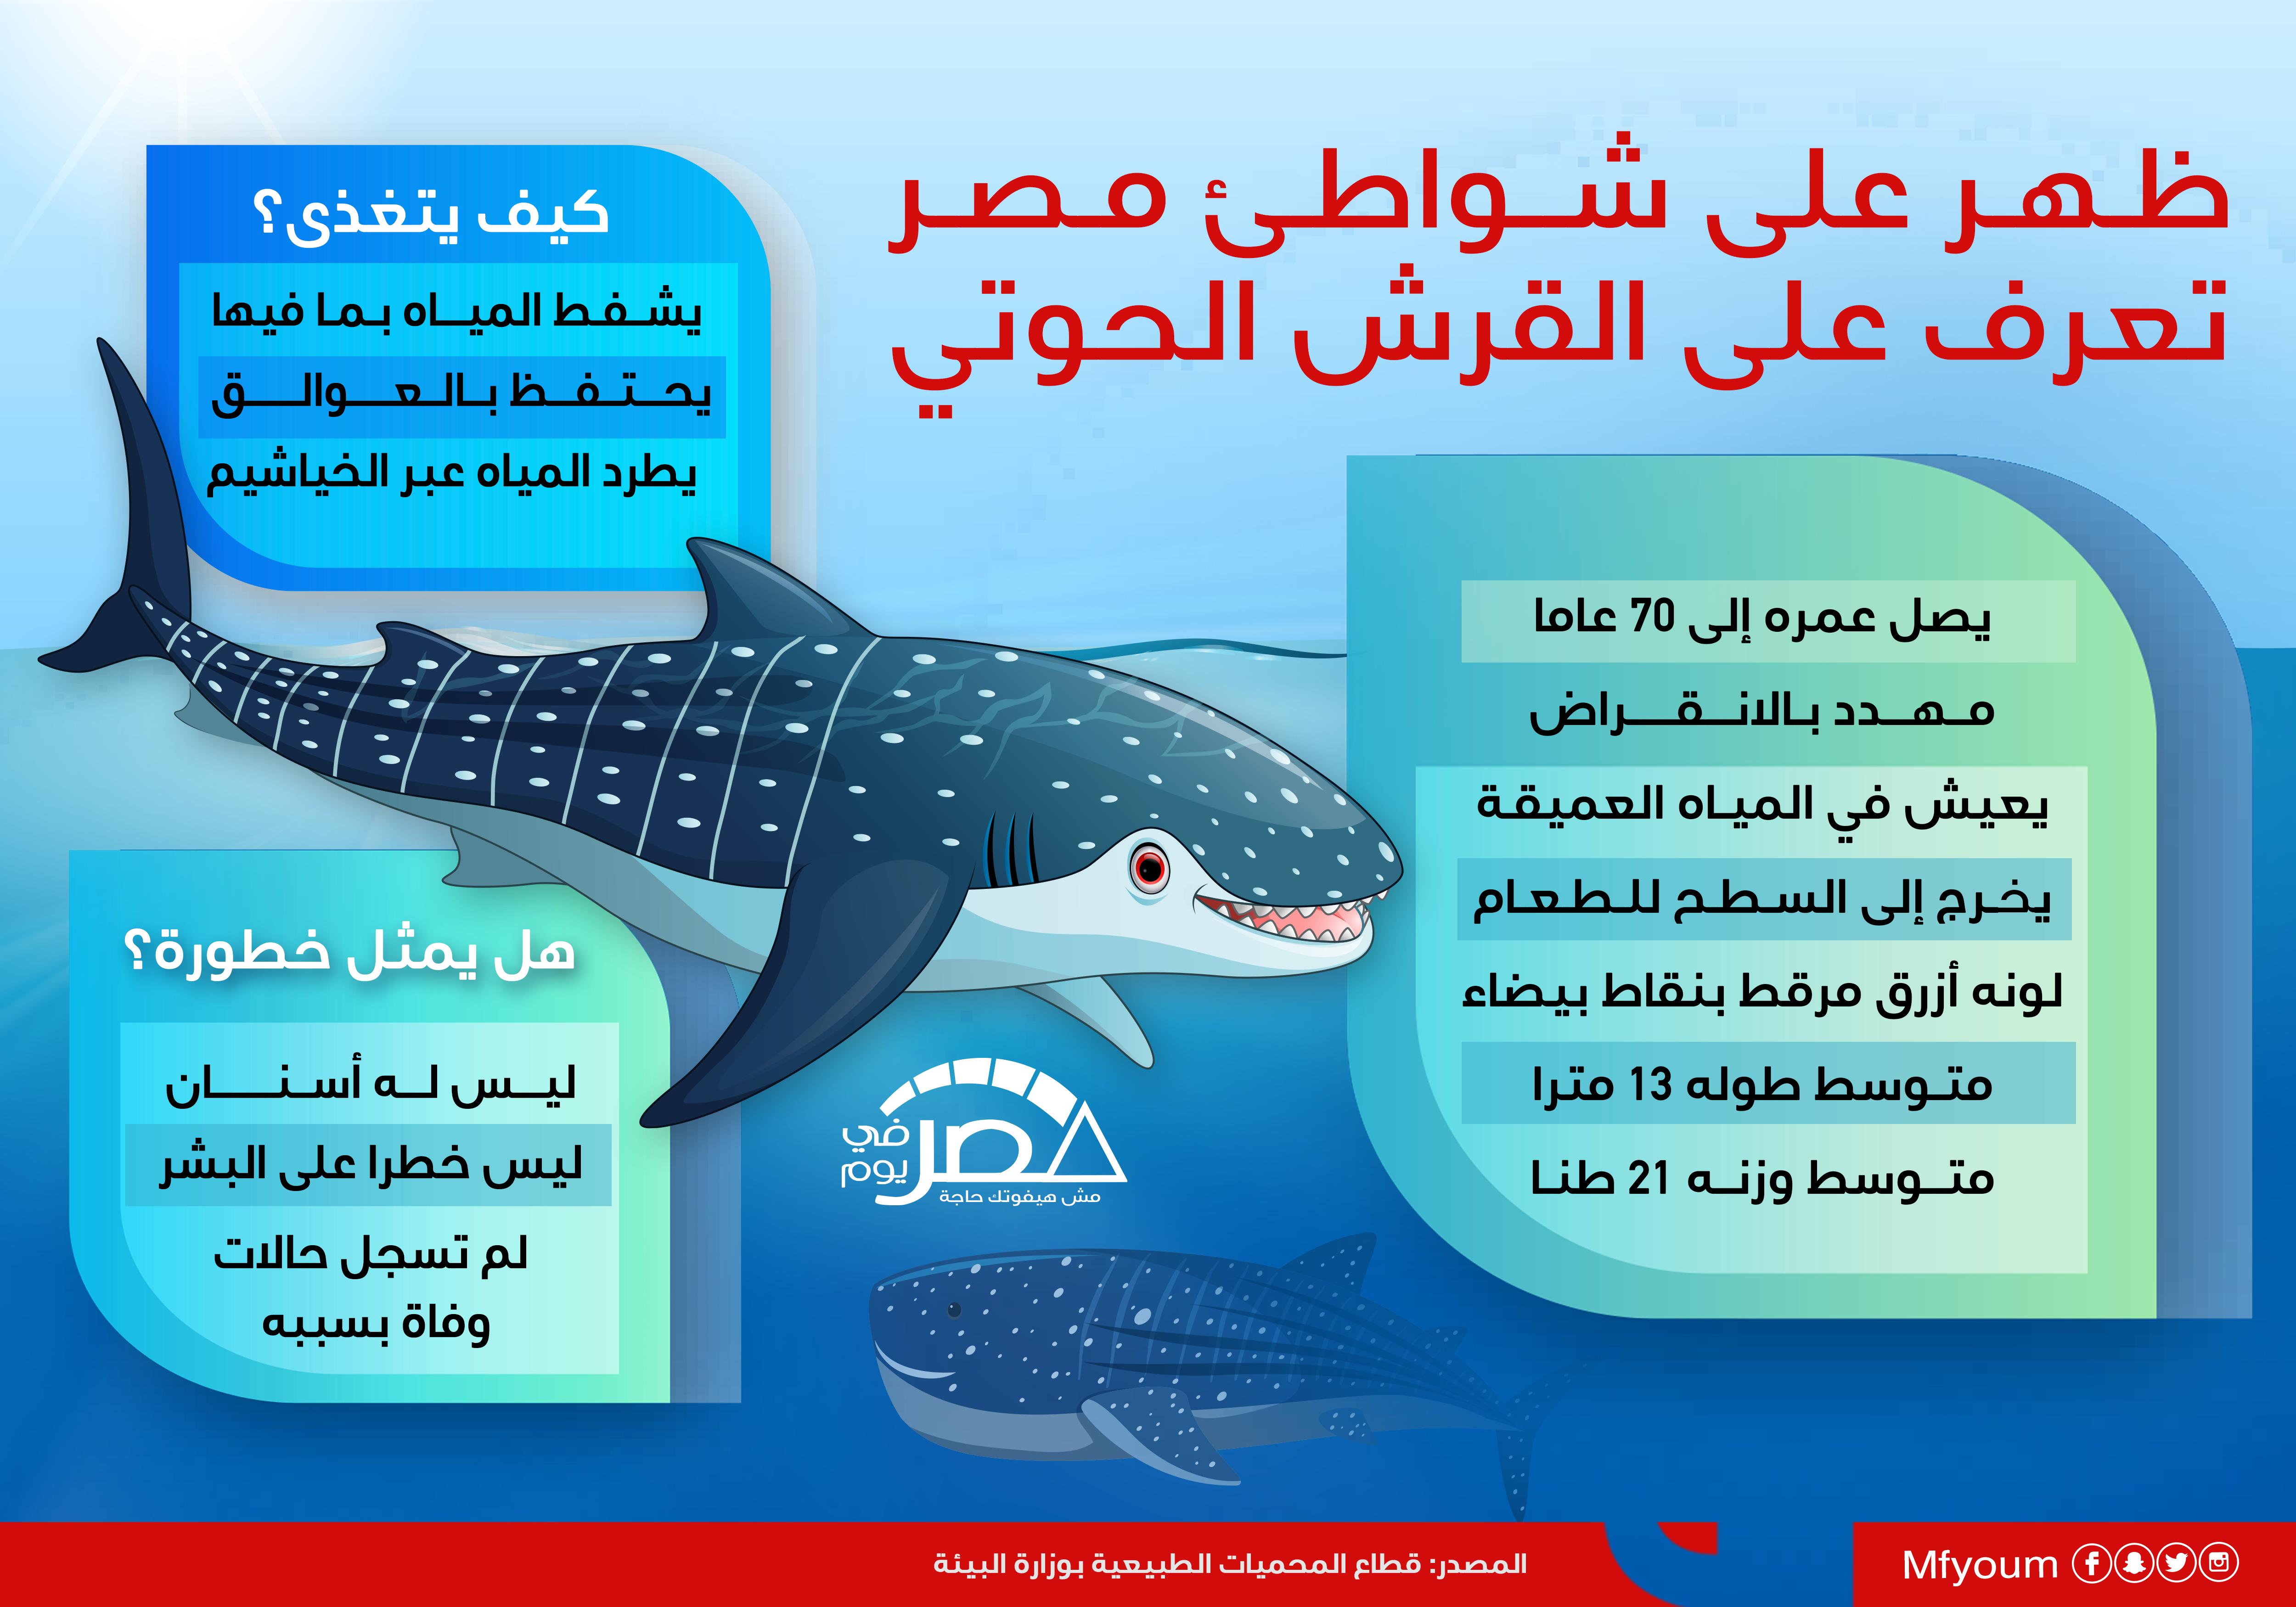 ظهر على شواطئ مصر.. تعرف على القرش الحوتي